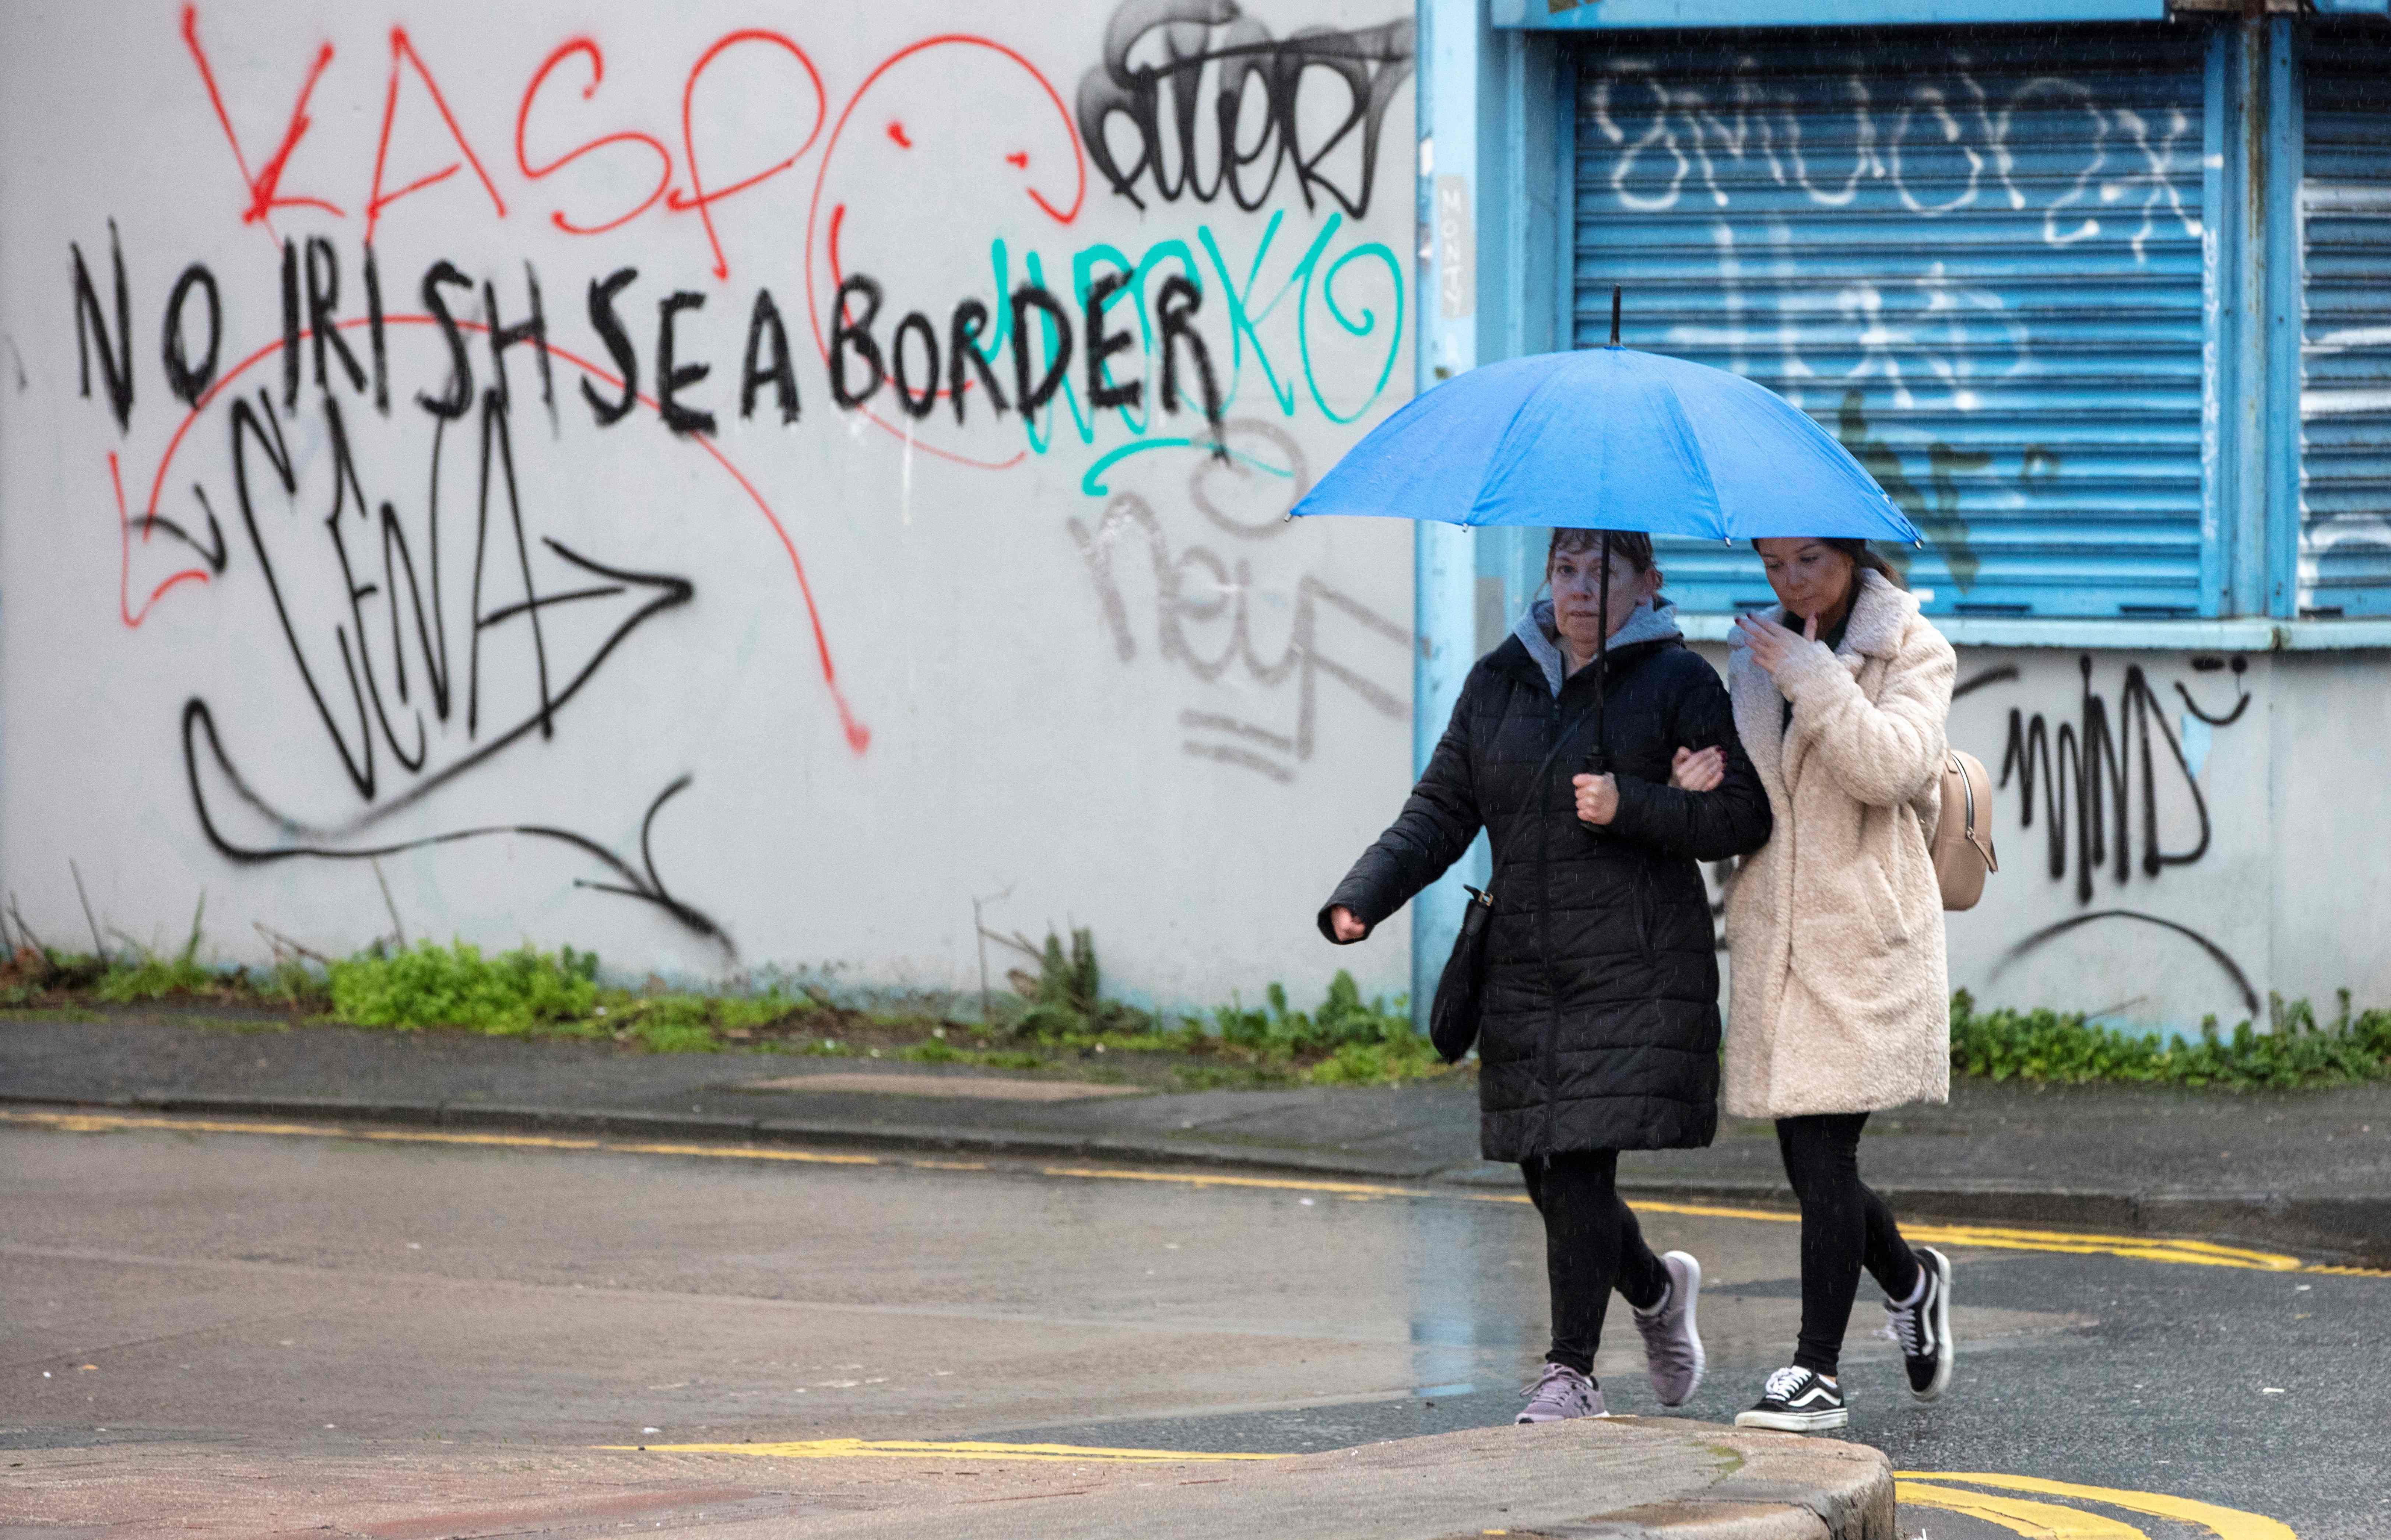 Uno de los grafitis en contra de la frontera marítima de Irlanda.